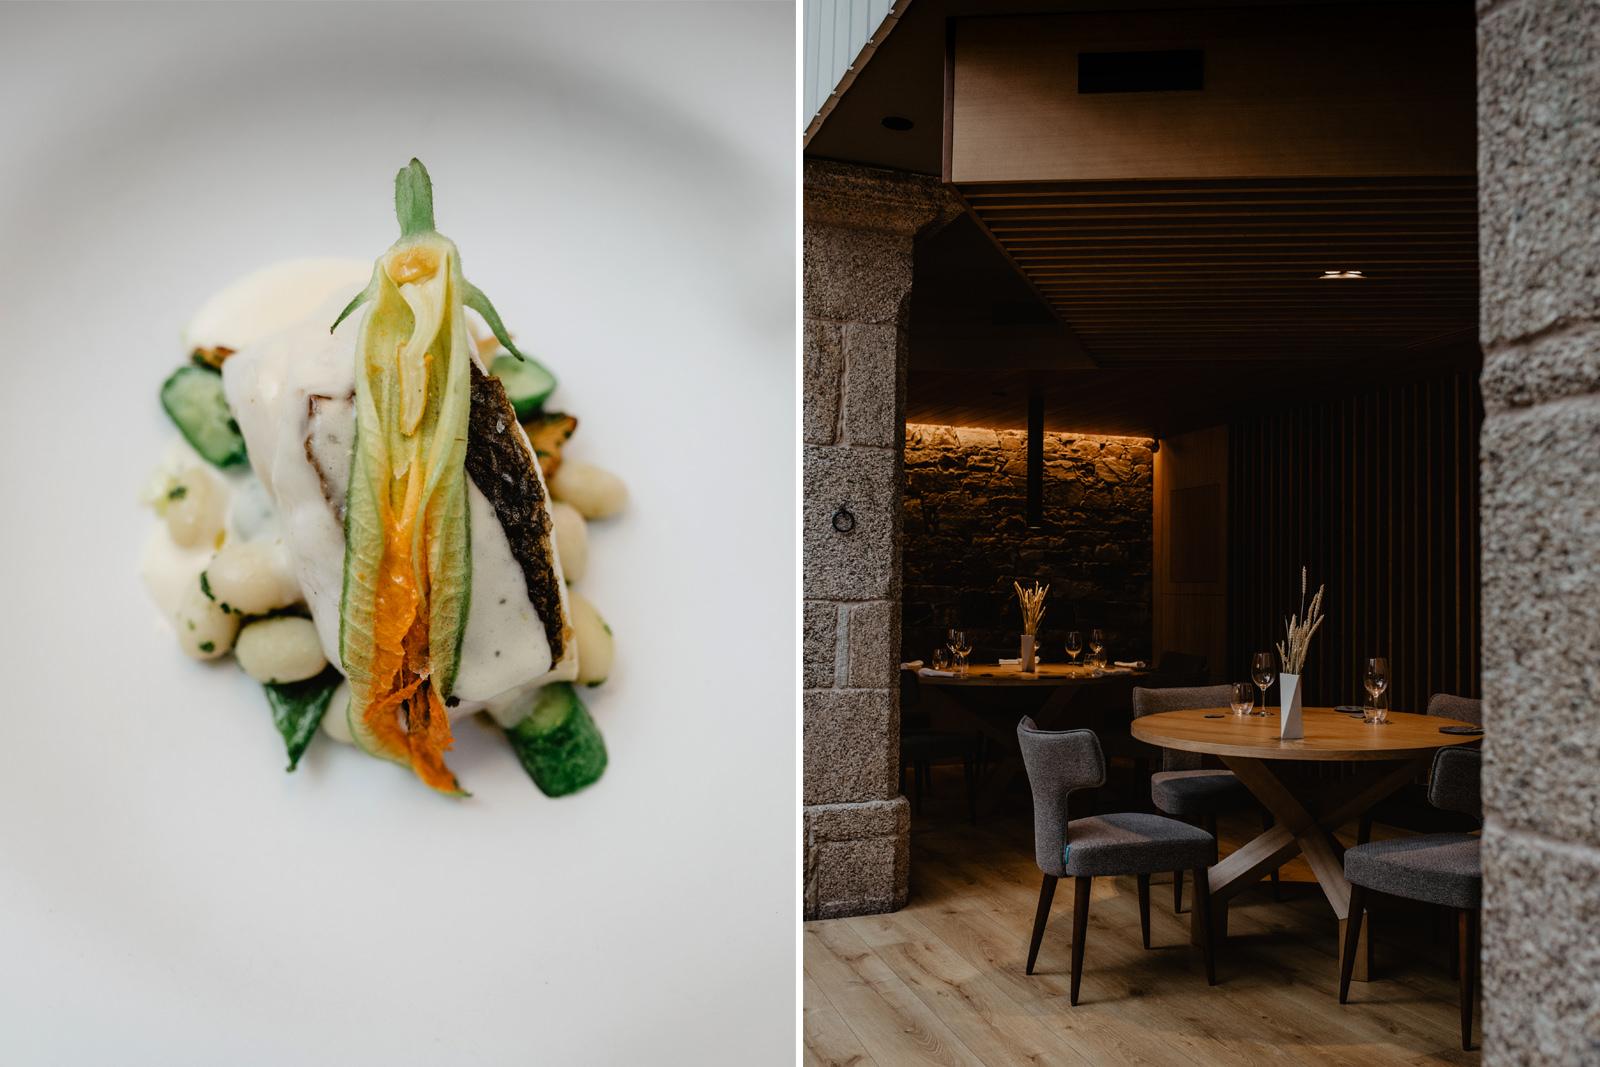 En 'A Tafona' prima el pescado, las verduras y la tradición gallega.